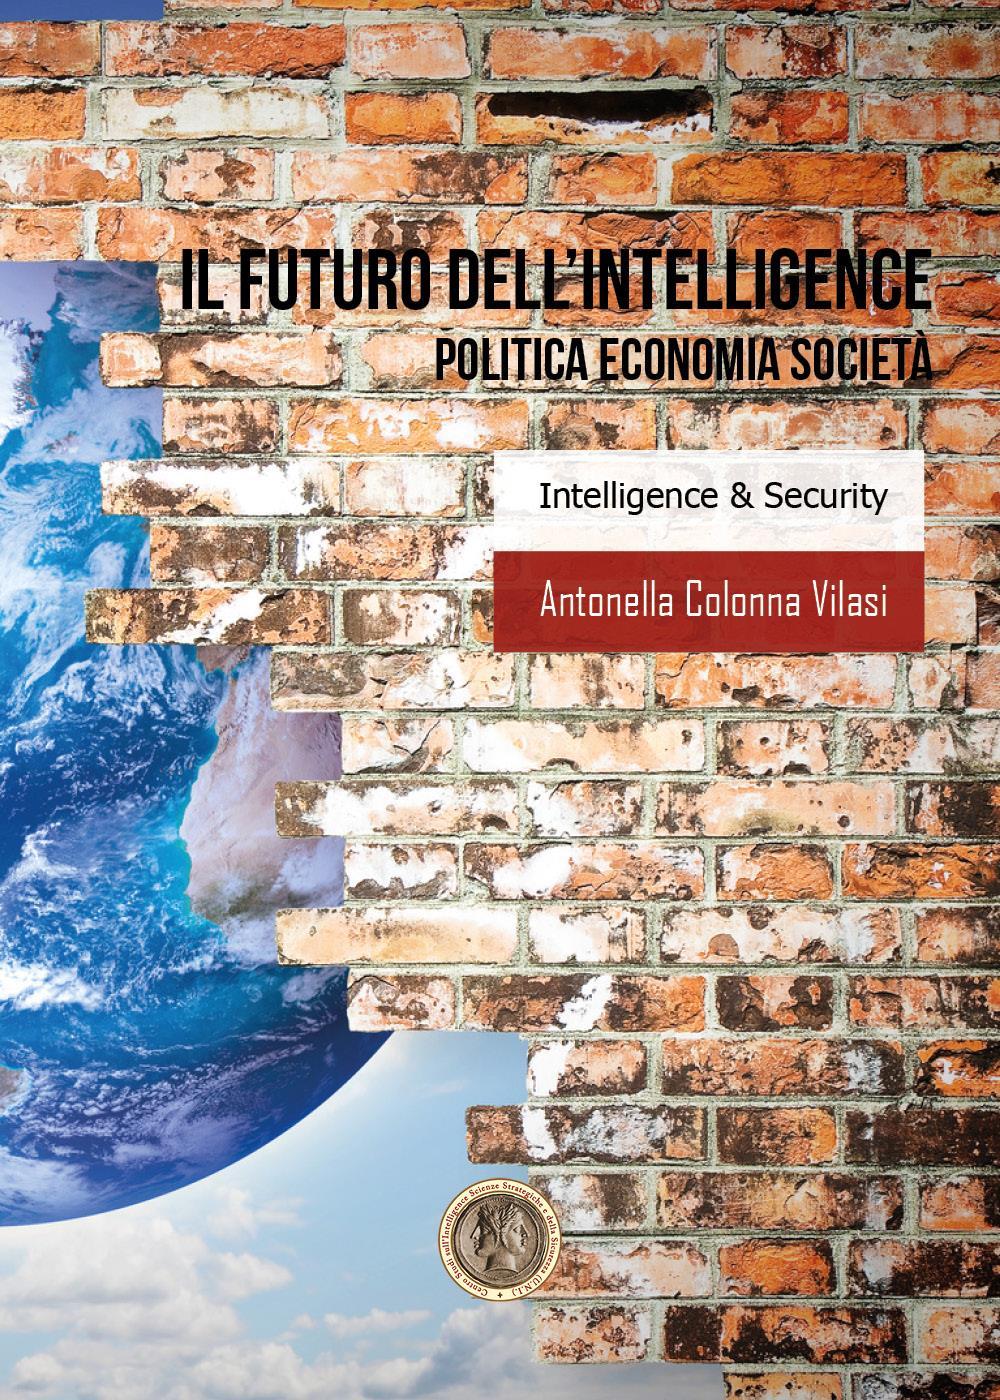 IL FUTURO DELL'INTELLIGENCE. POLITICA ECONOMIA SOCIETA'